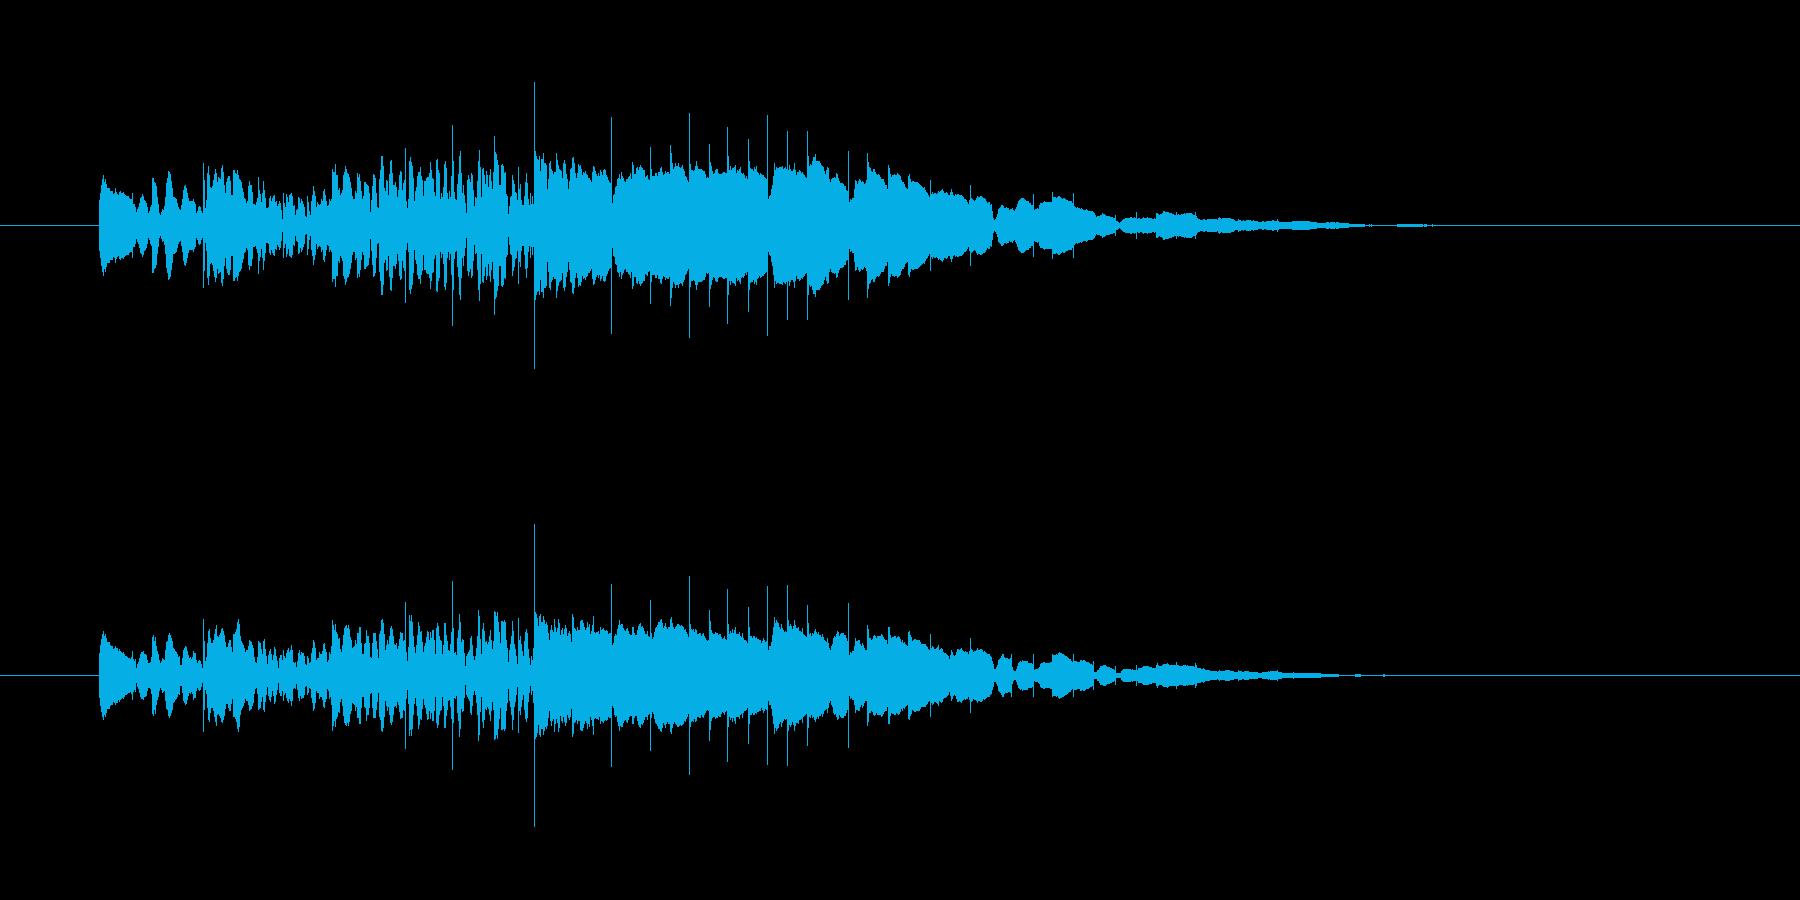 ピロロロロロロン(木琴の音、お知らせ音)の再生済みの波形